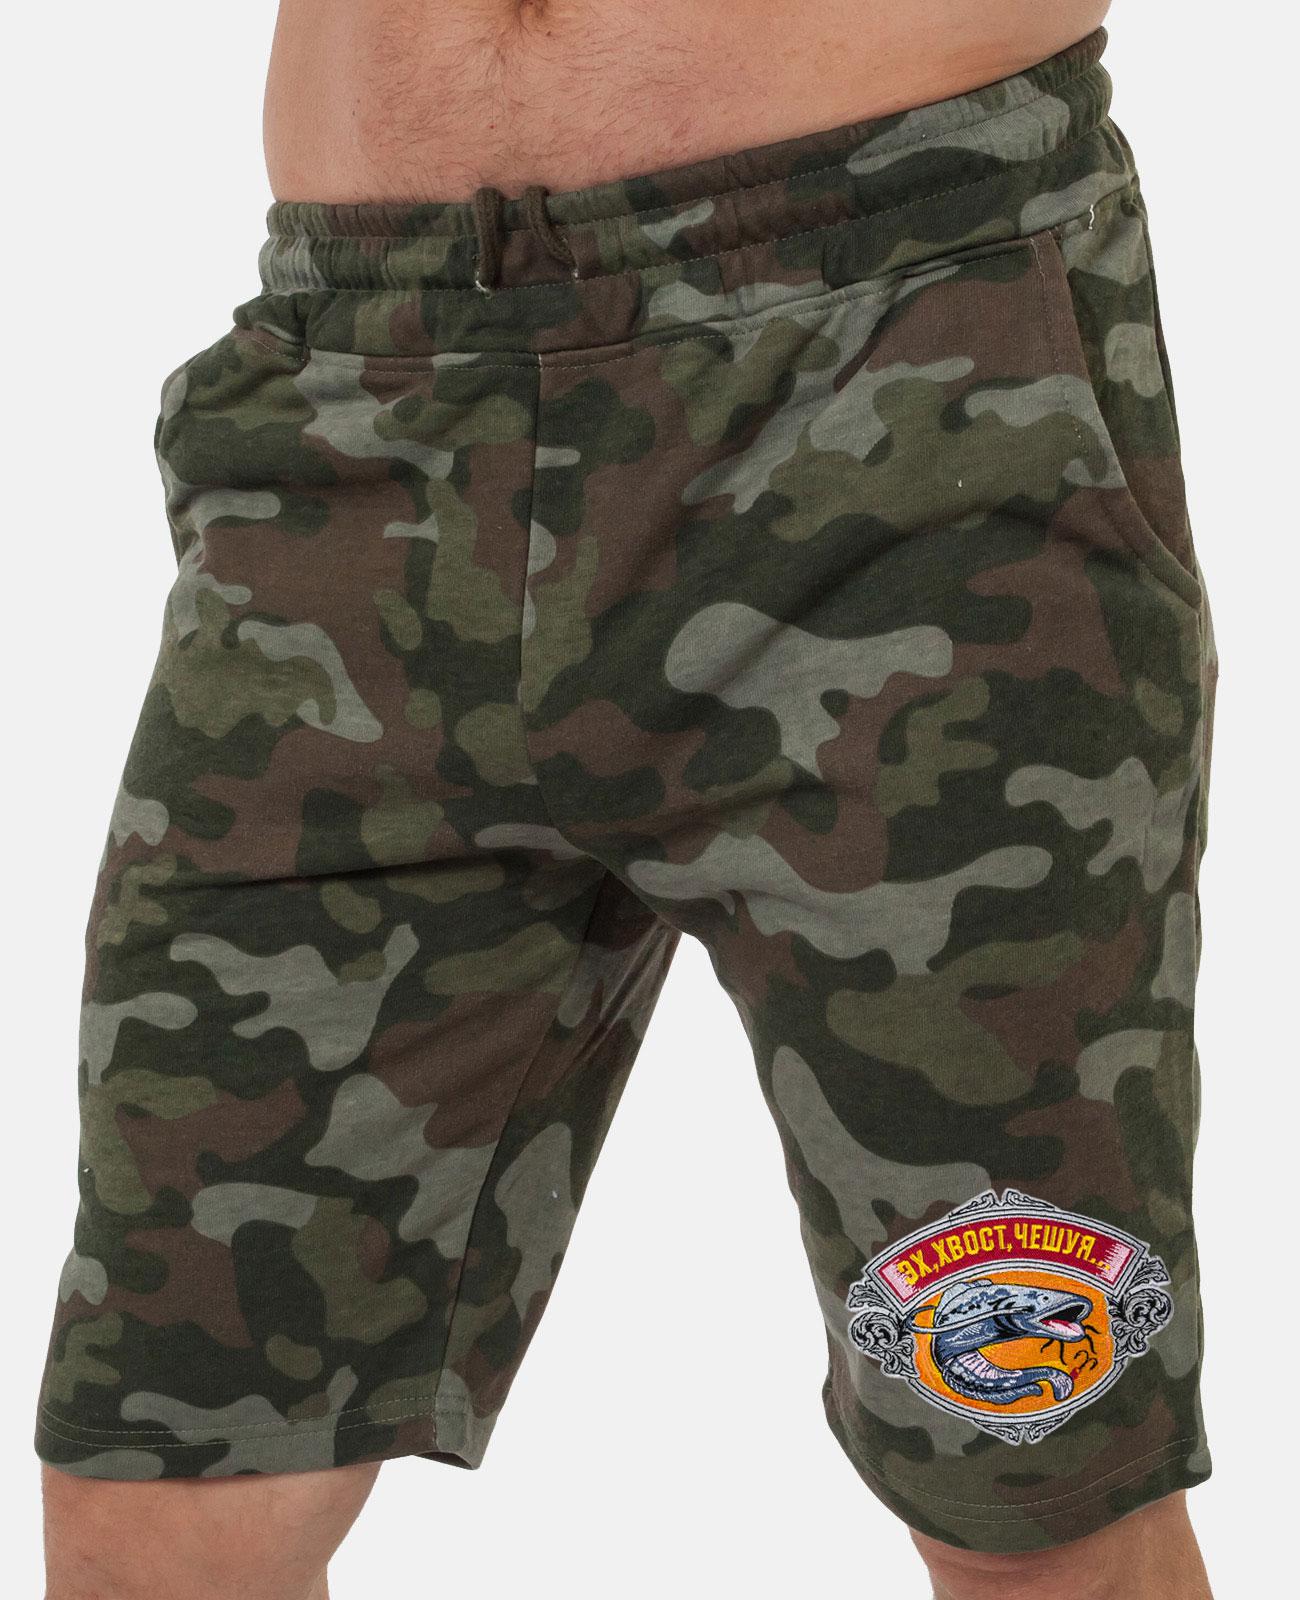 Удлиненные мужские шорты для рыбалки